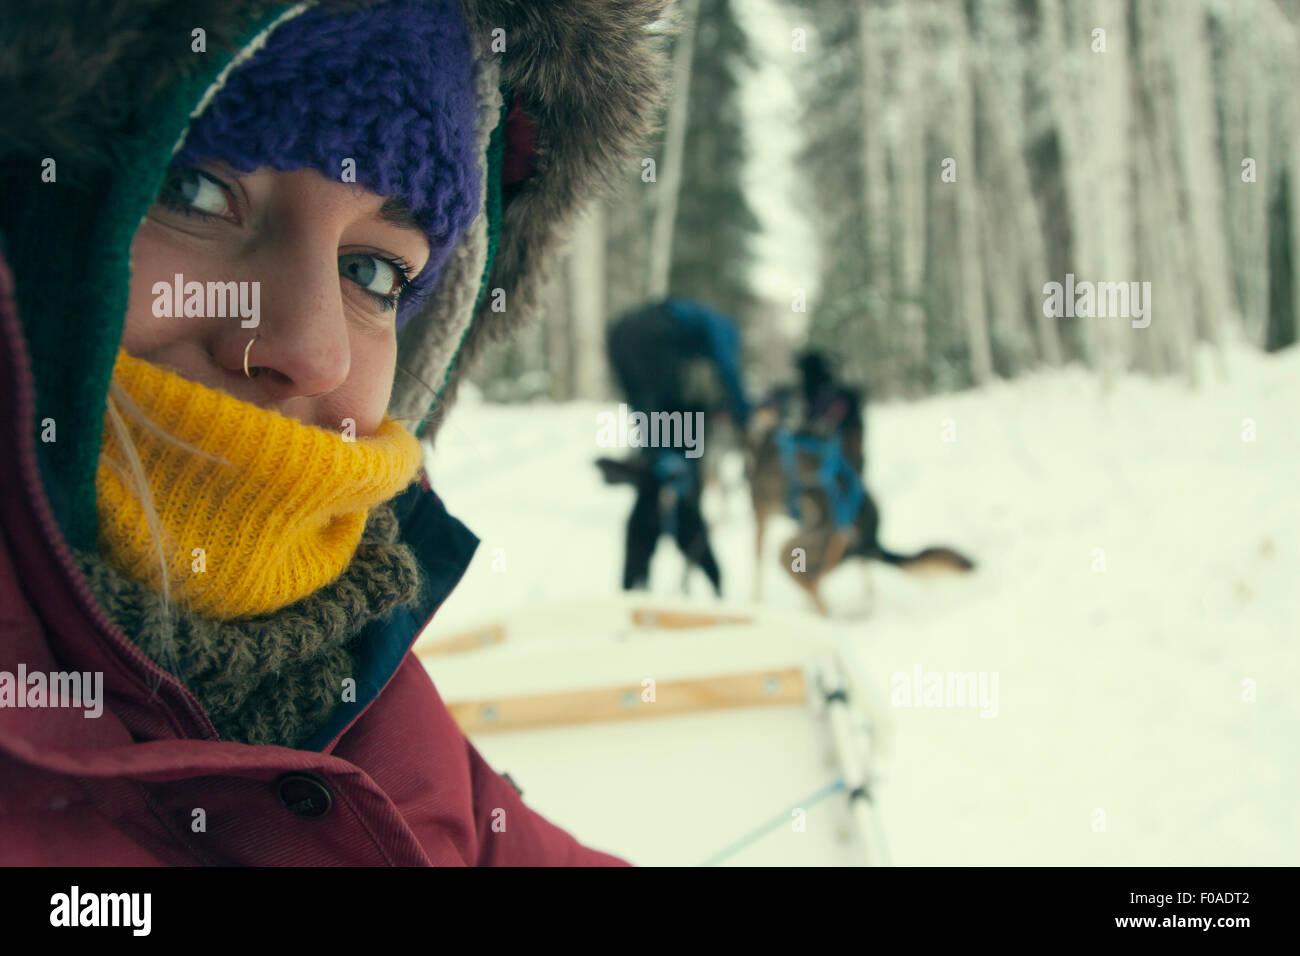 Joven mujer vistiendo ropa de invierno, cerrar Imagen De Stock